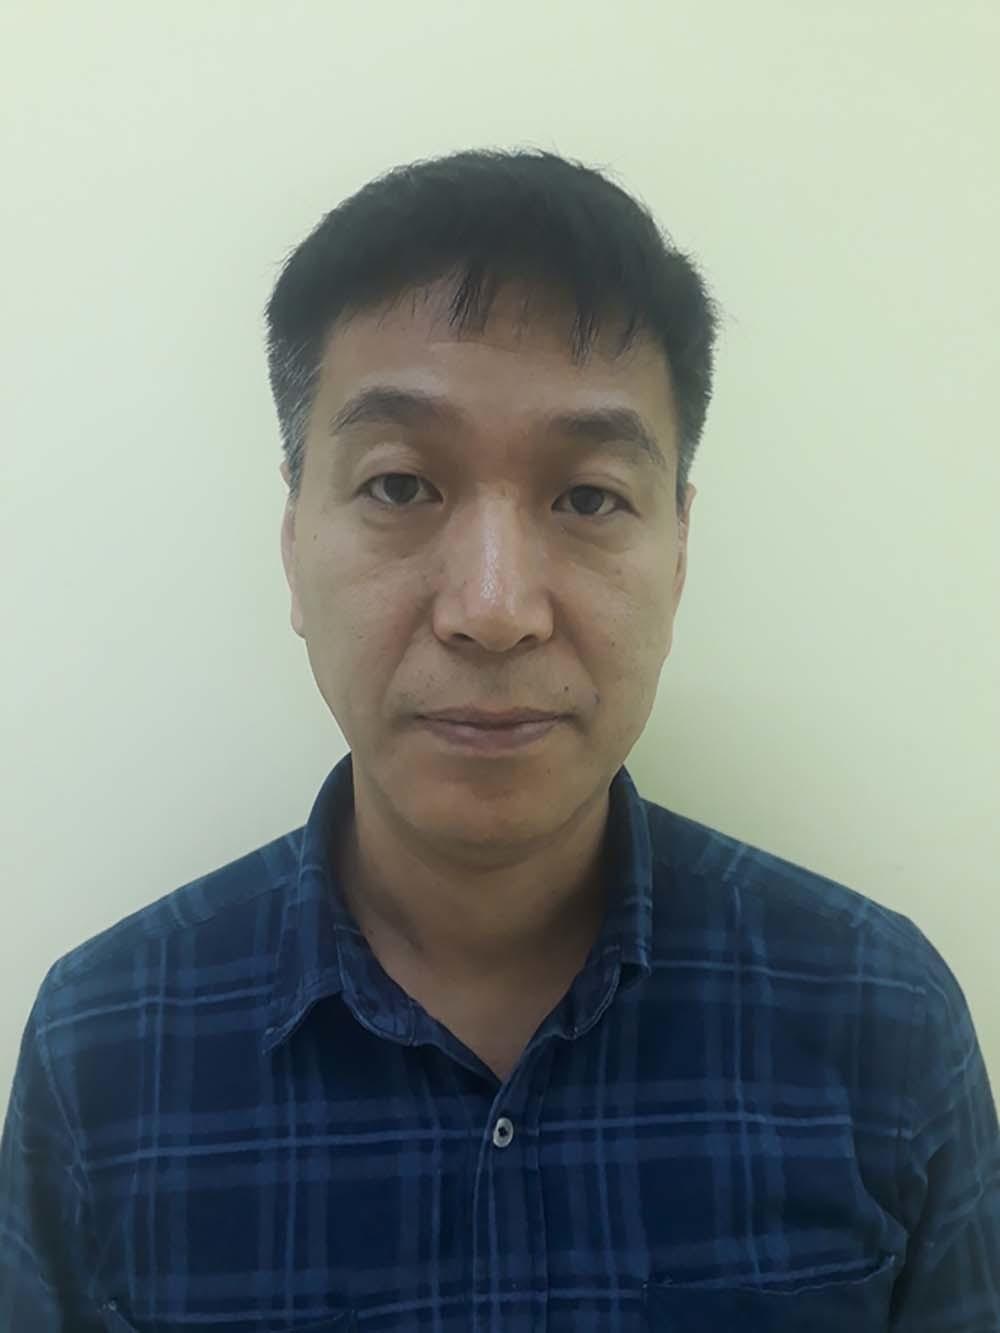 Giám đốc Hàn Quốc lừa 123 người Việt chiếm đoạt hàng chục tỷ